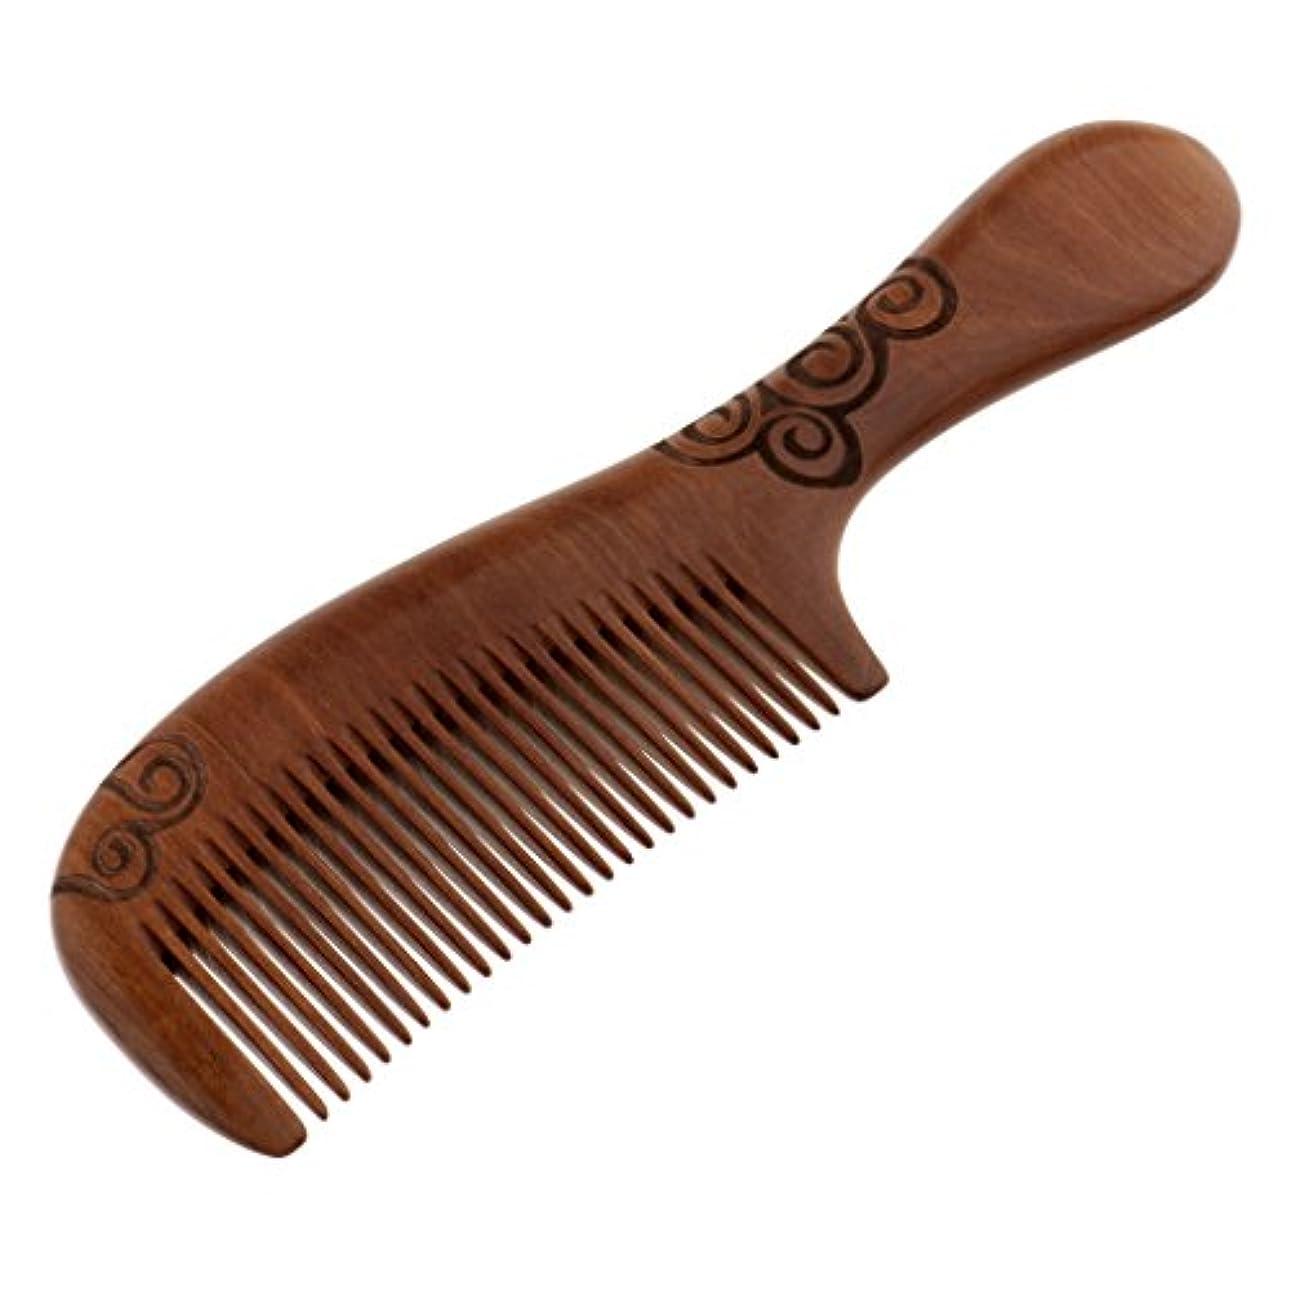 フラスコ伝染性体Toygogo くし コーム 木製 頭皮マッサージ ヘア櫛 木製ヘアコーム ヘアケア 髪の櫛 帯電防止 耐熱性